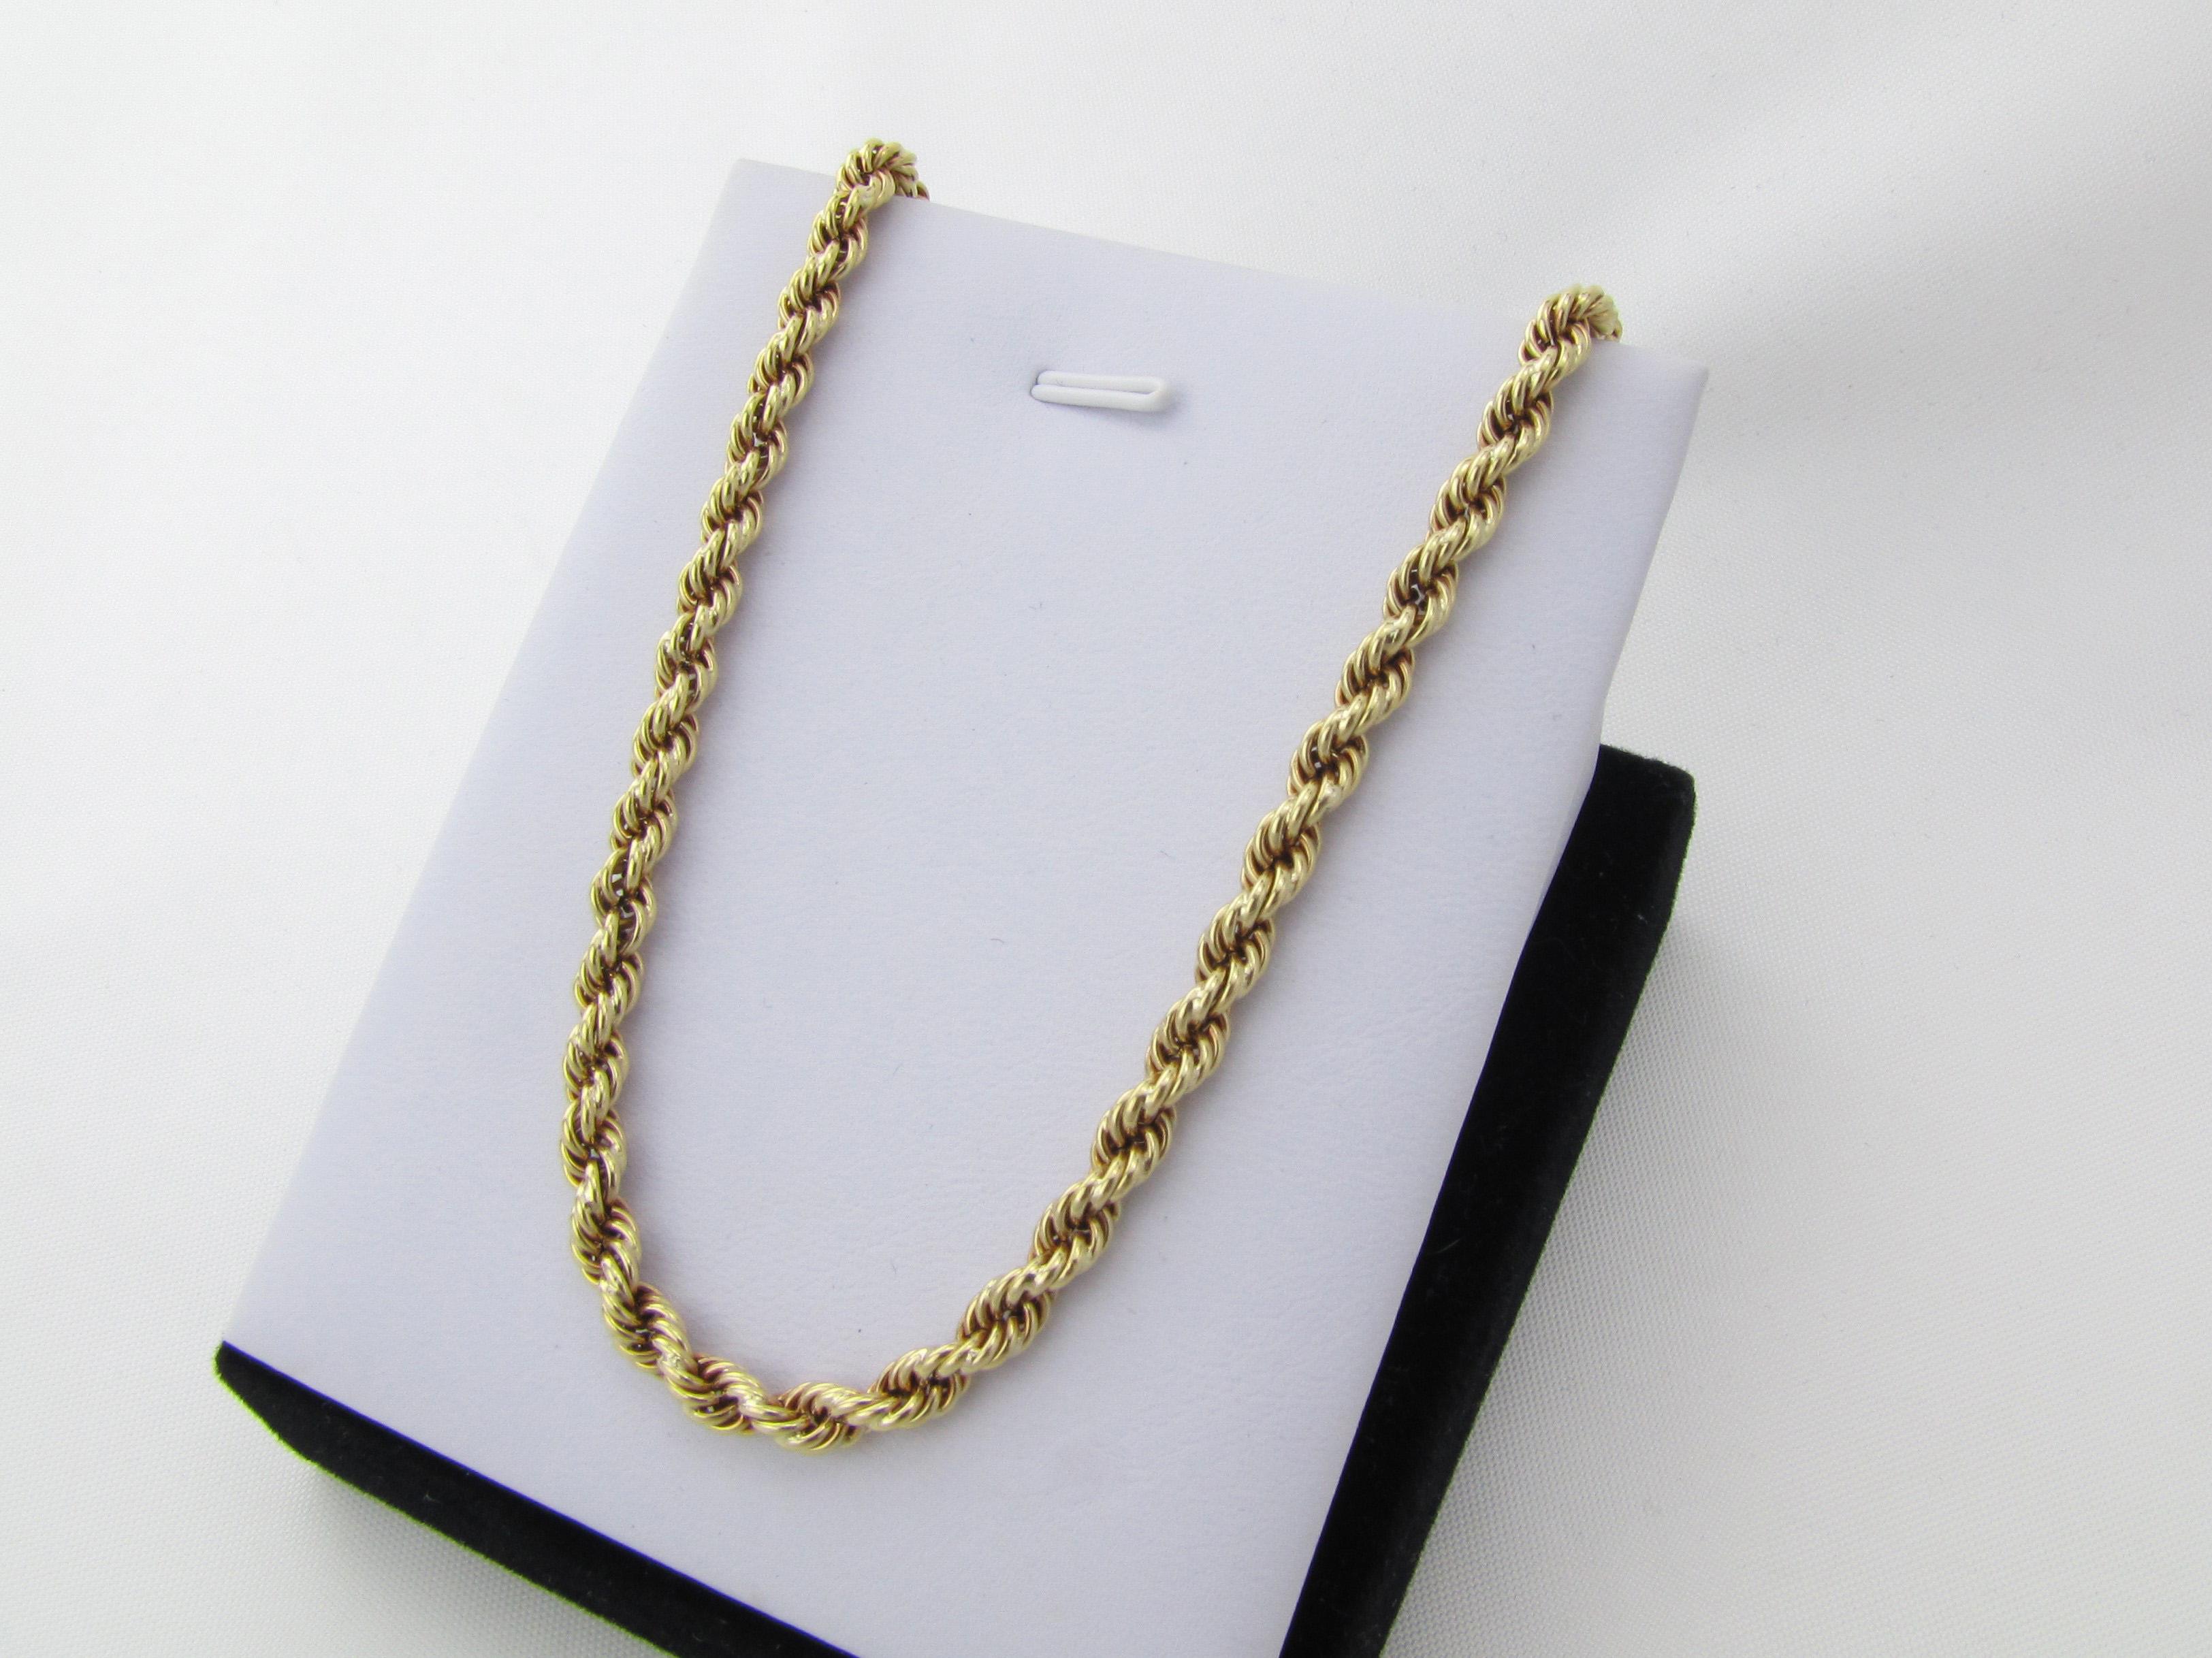 50 cm kraftig bj rn borg guld halsk de i 14 karat brugt til salg. Black Bedroom Furniture Sets. Home Design Ideas